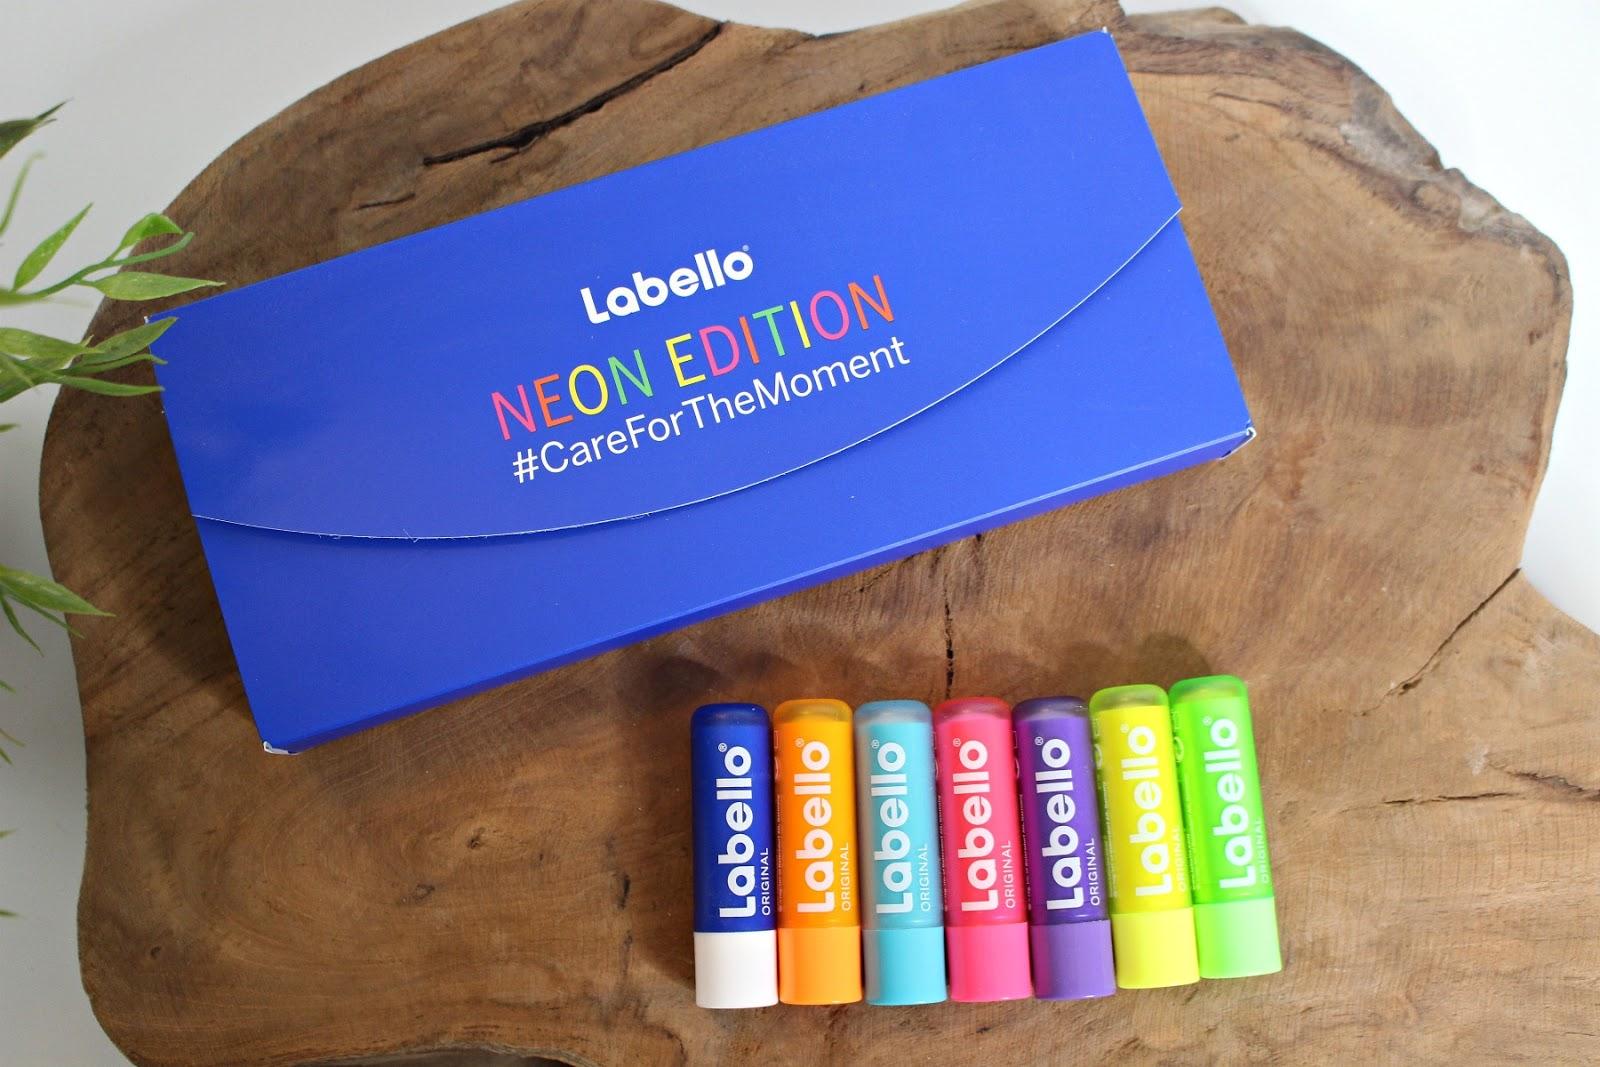 Labello Neon